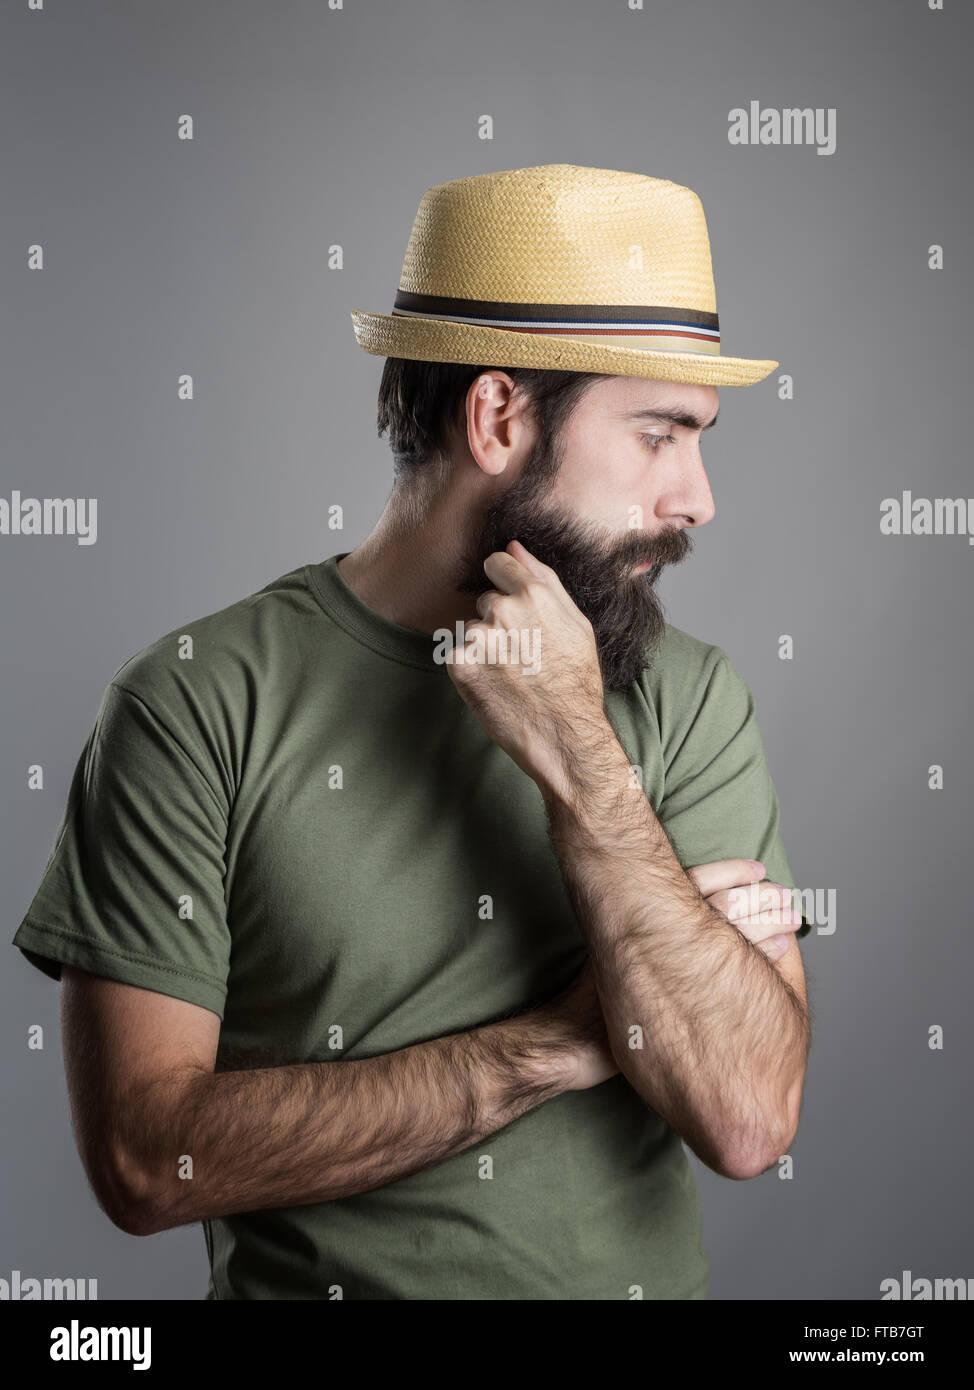 Vista di profilo di triste uomo barbuto che indossa cappello di paglia che  guarda lontano. Headshot ritratto su studio grigio Sfondo con vignette. 466793941fc9